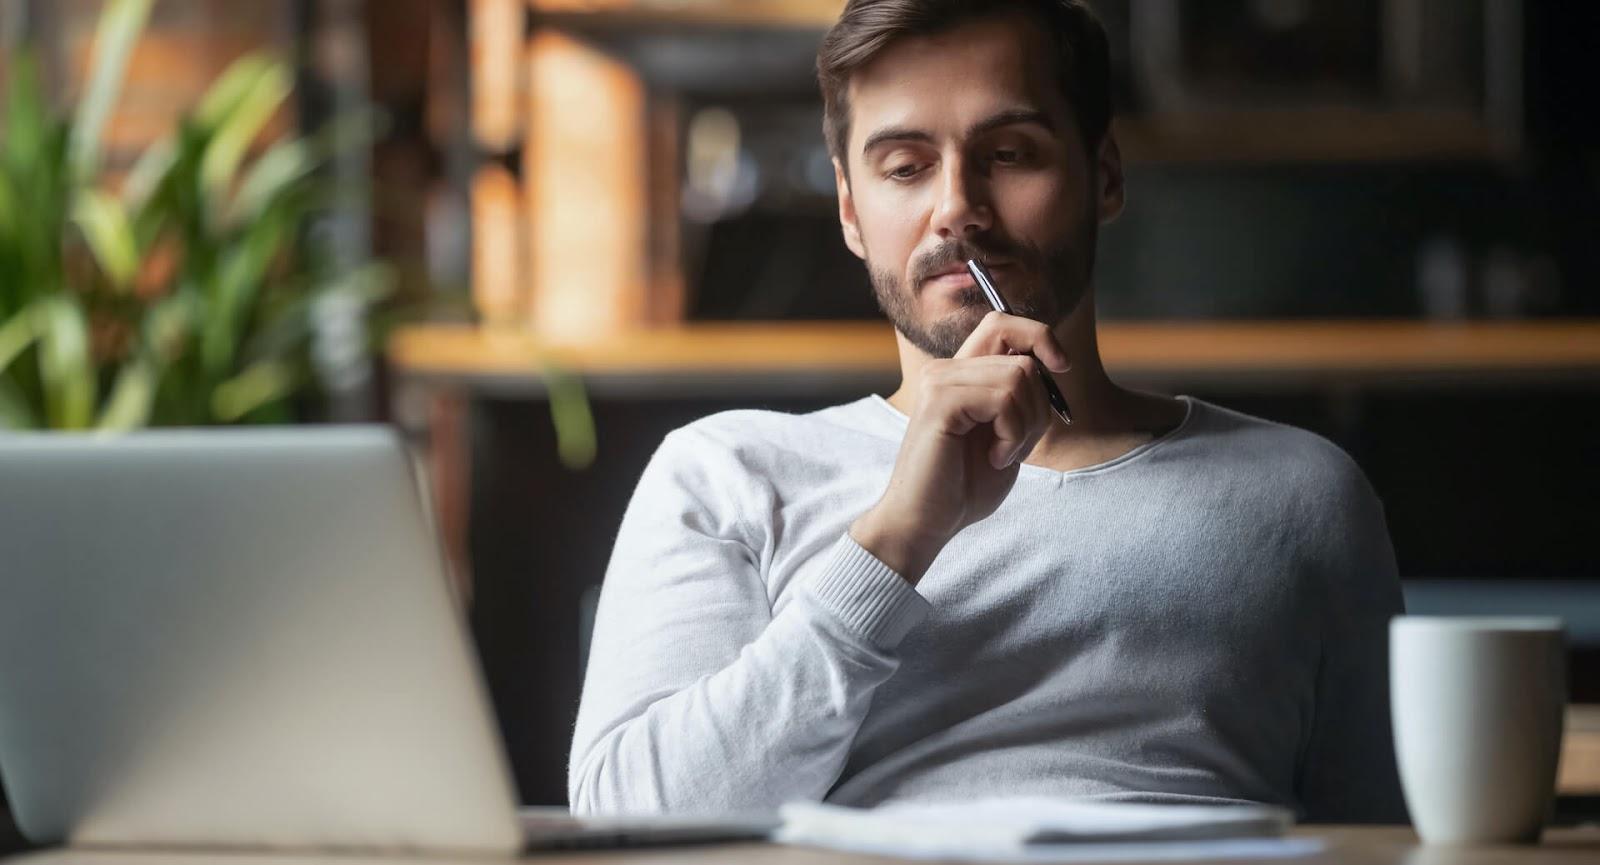 Man thinking at his desk